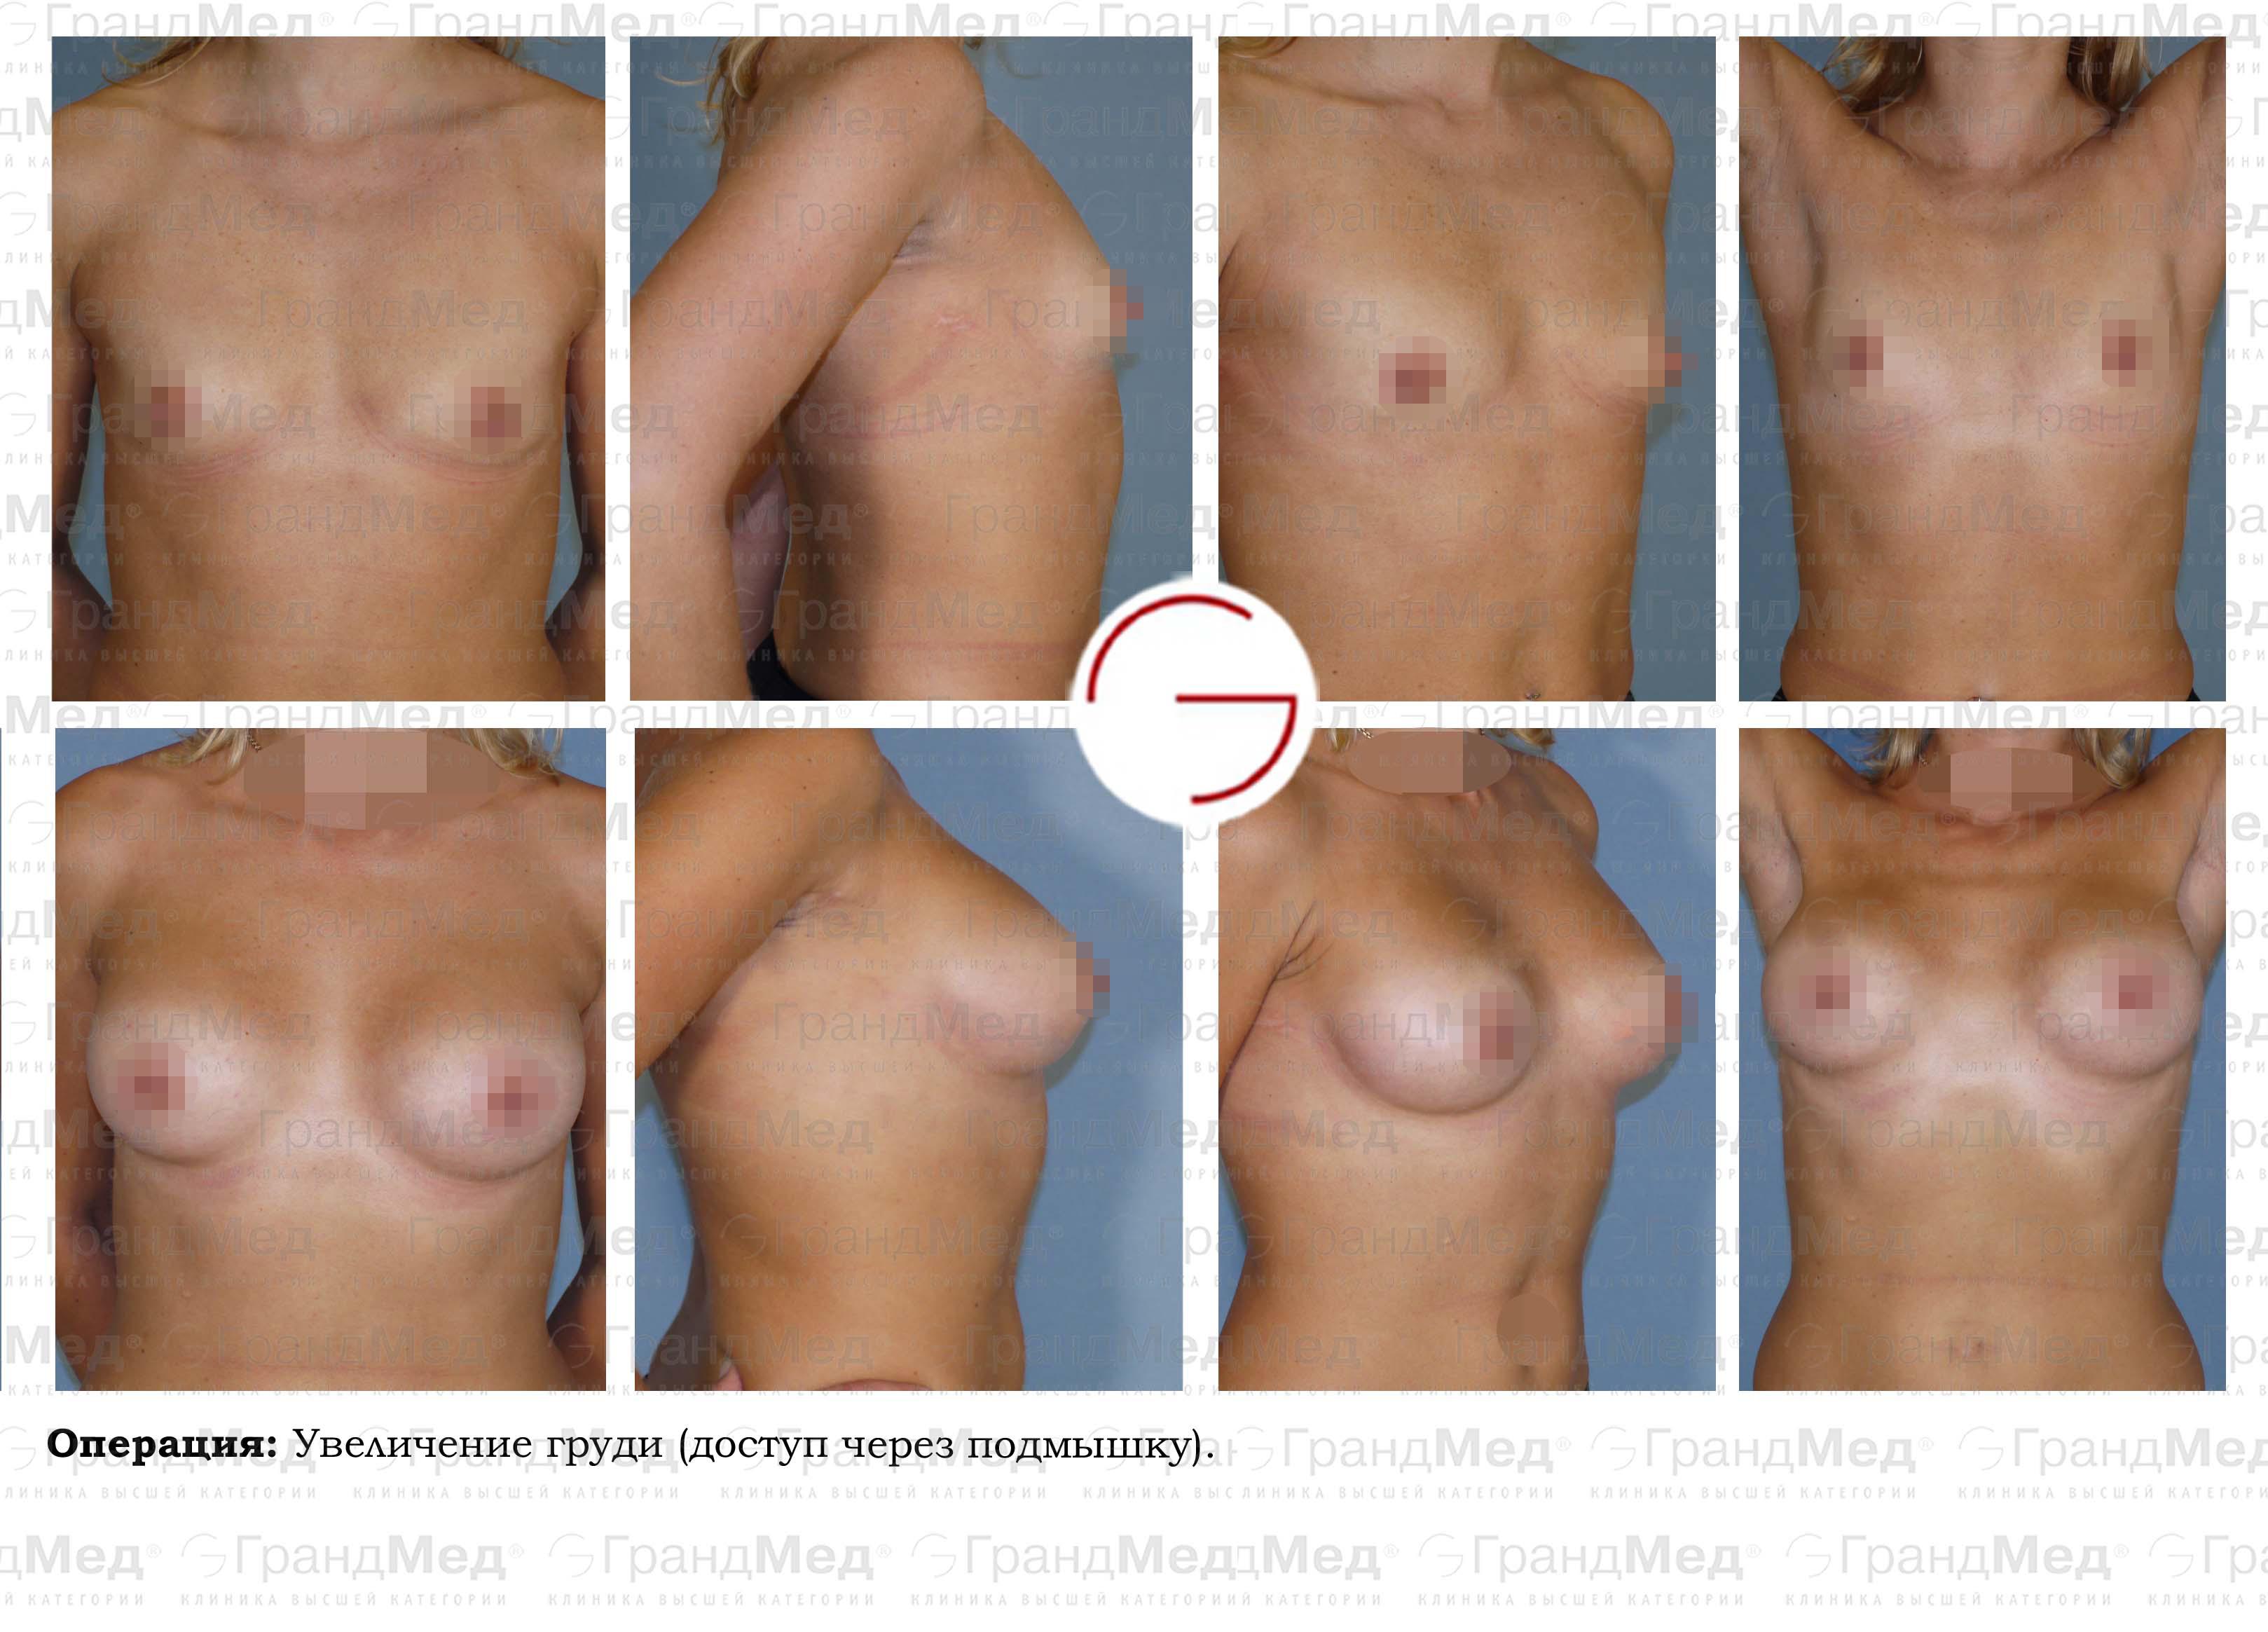 секс увеличивает грудь